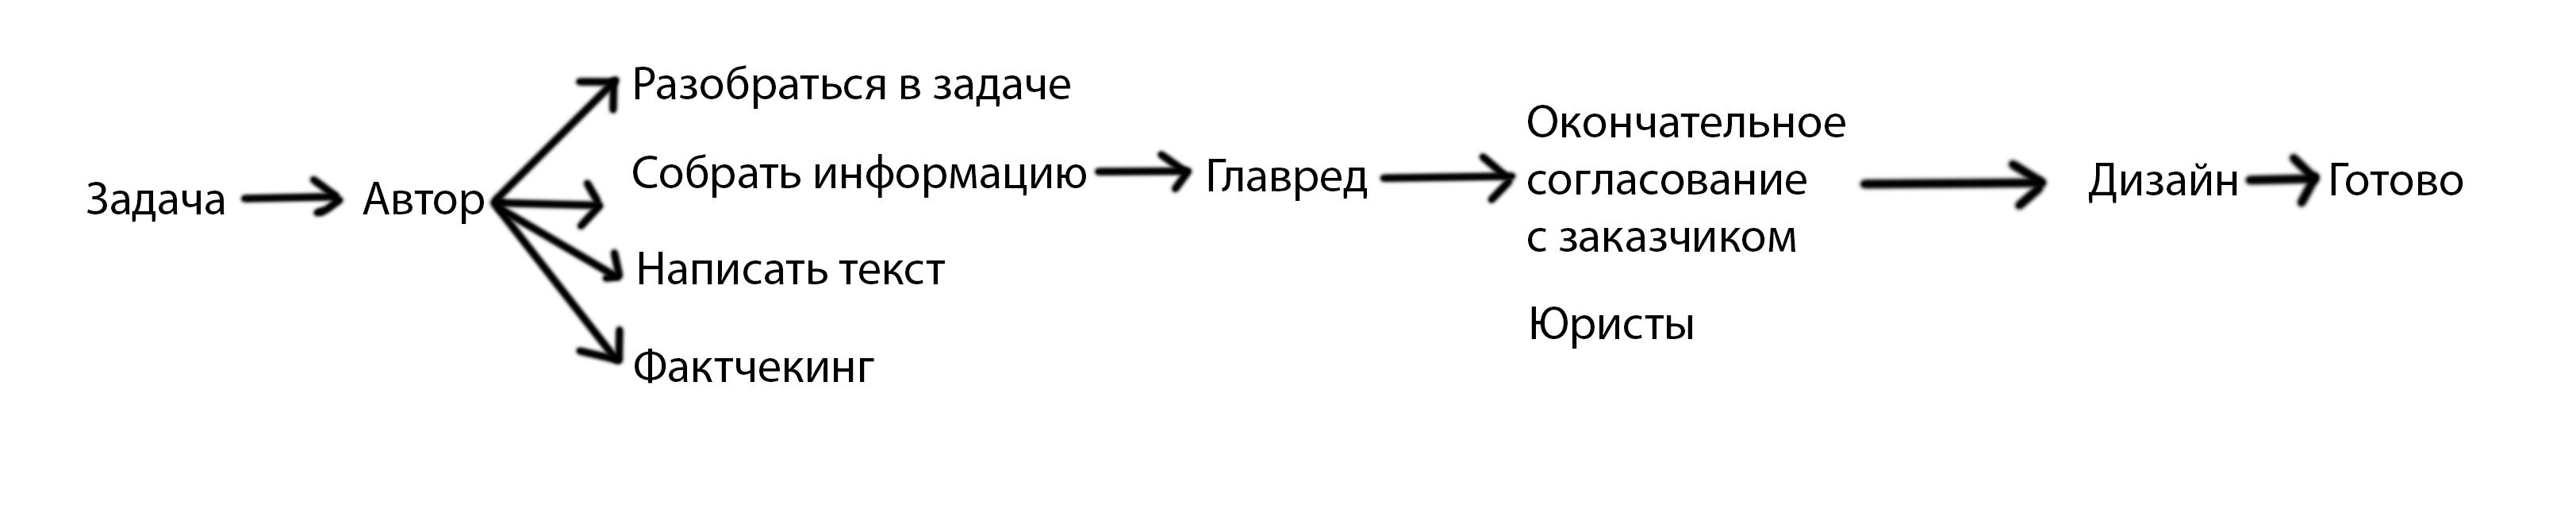 Схемы работы редакции взависимости отзадач